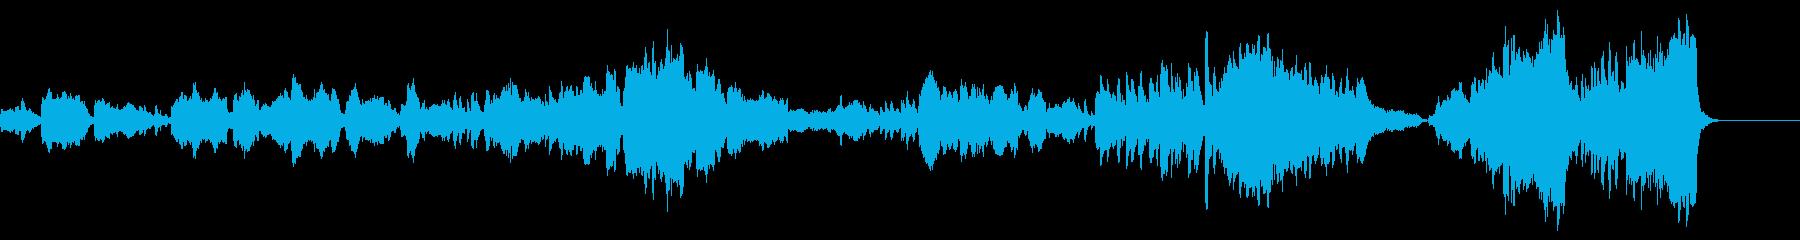 【生演奏】壮大,感動トロンボーンとピアノの再生済みの波形